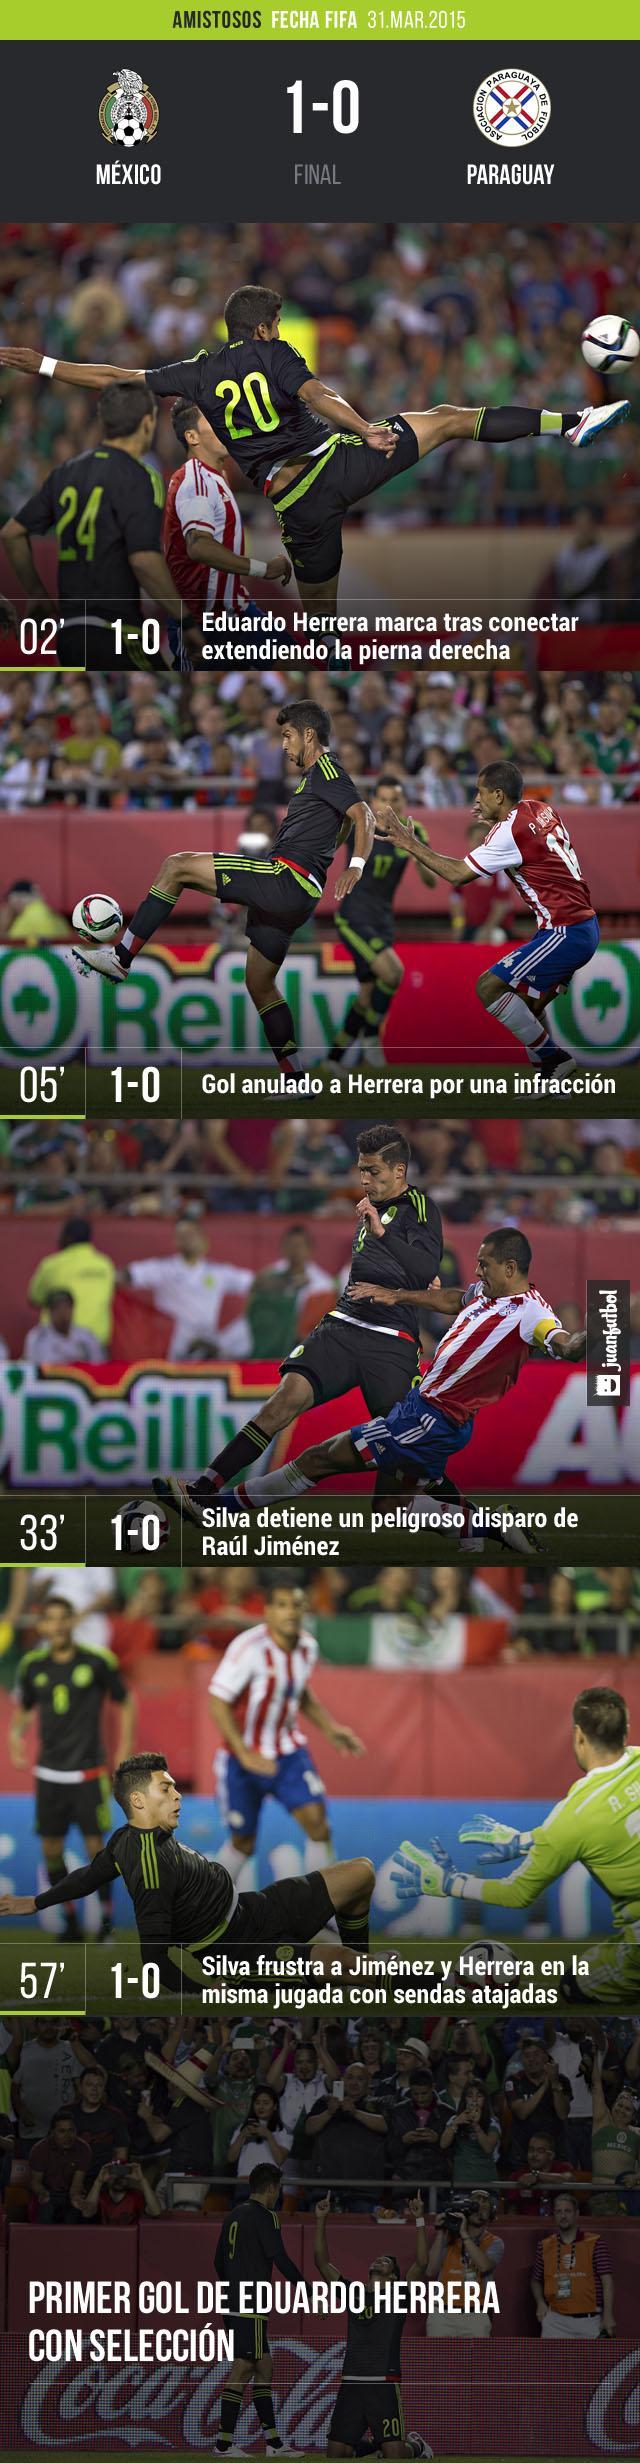 México obtuvo su segundo triunfo del año al vencer a Paraguay en Kansas